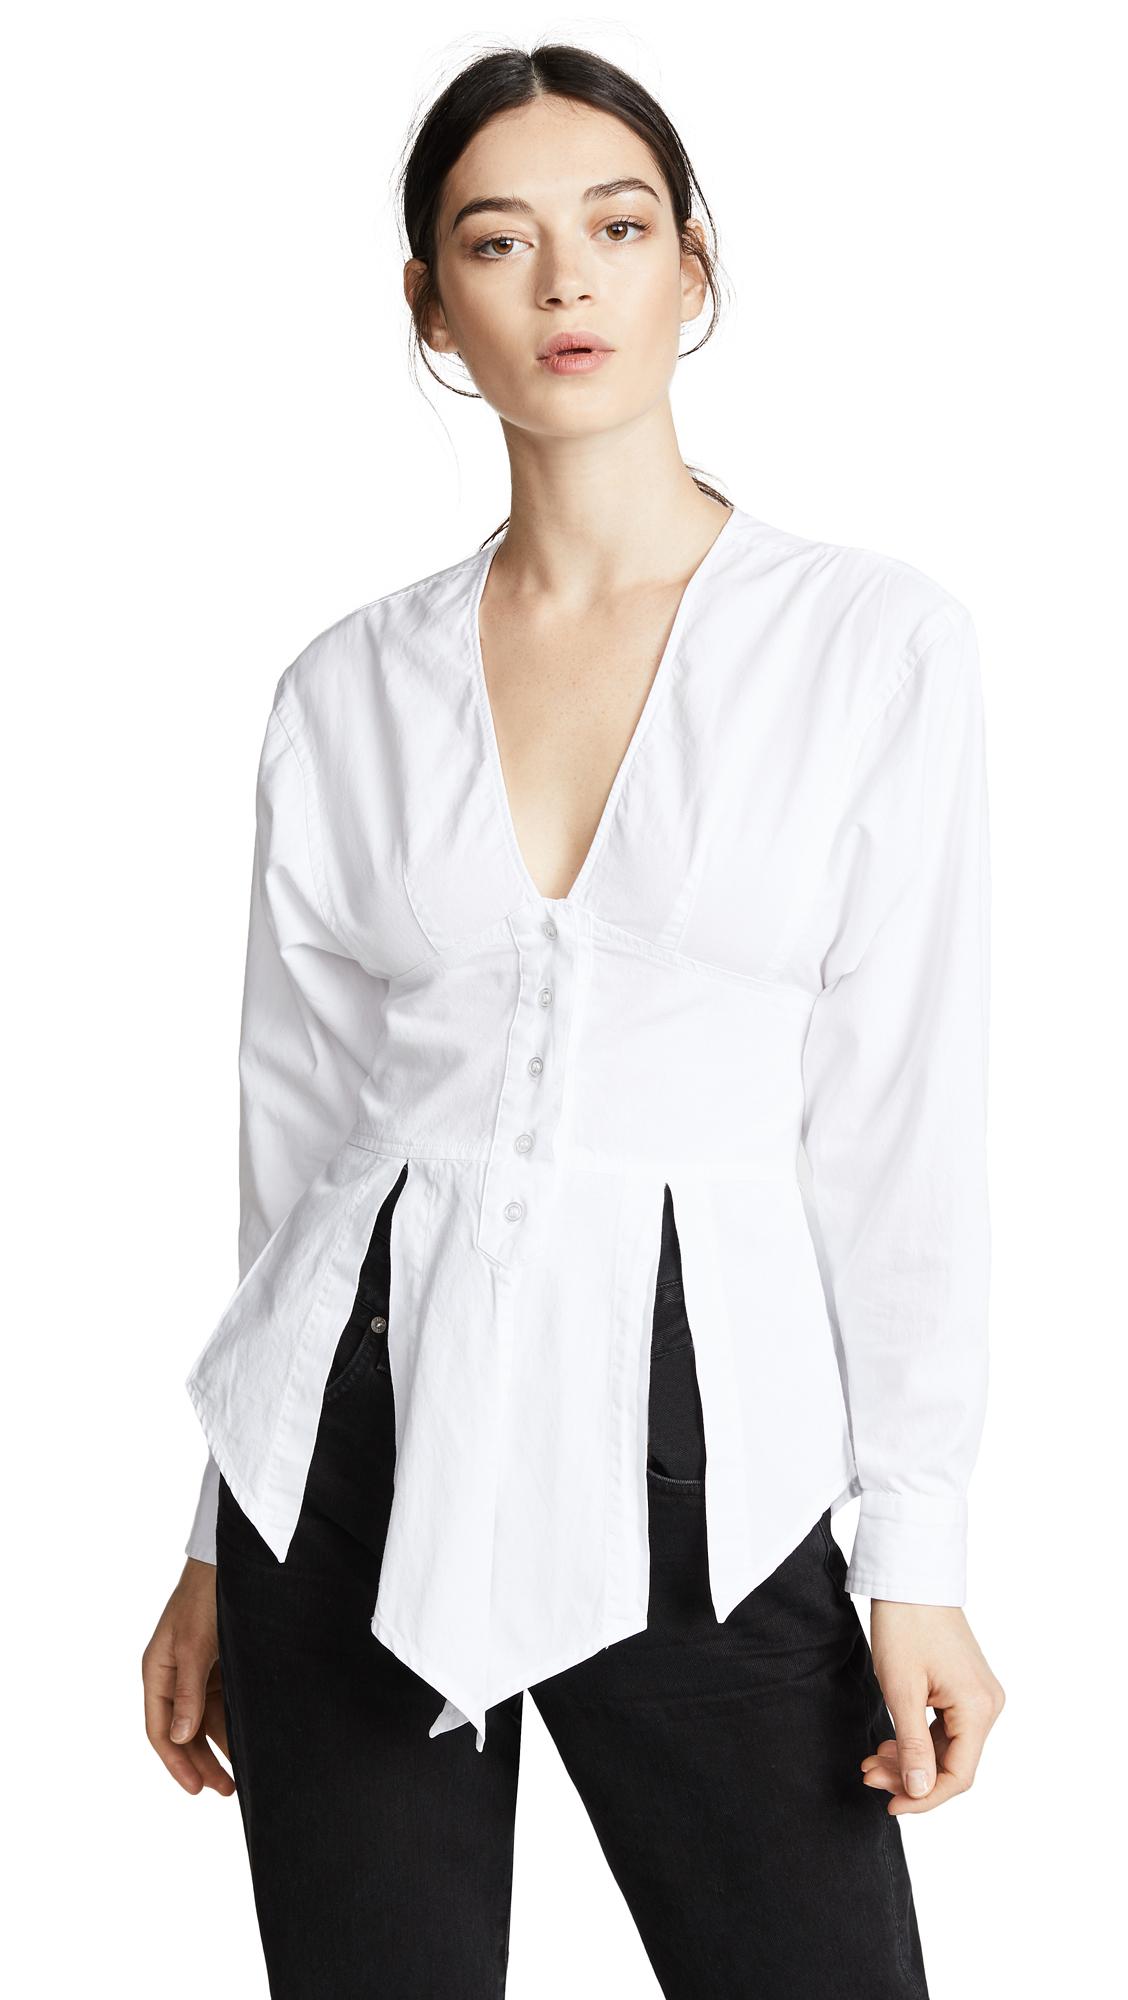 JEAN ATELIER Azura Cotton Twill Top - White Size 10